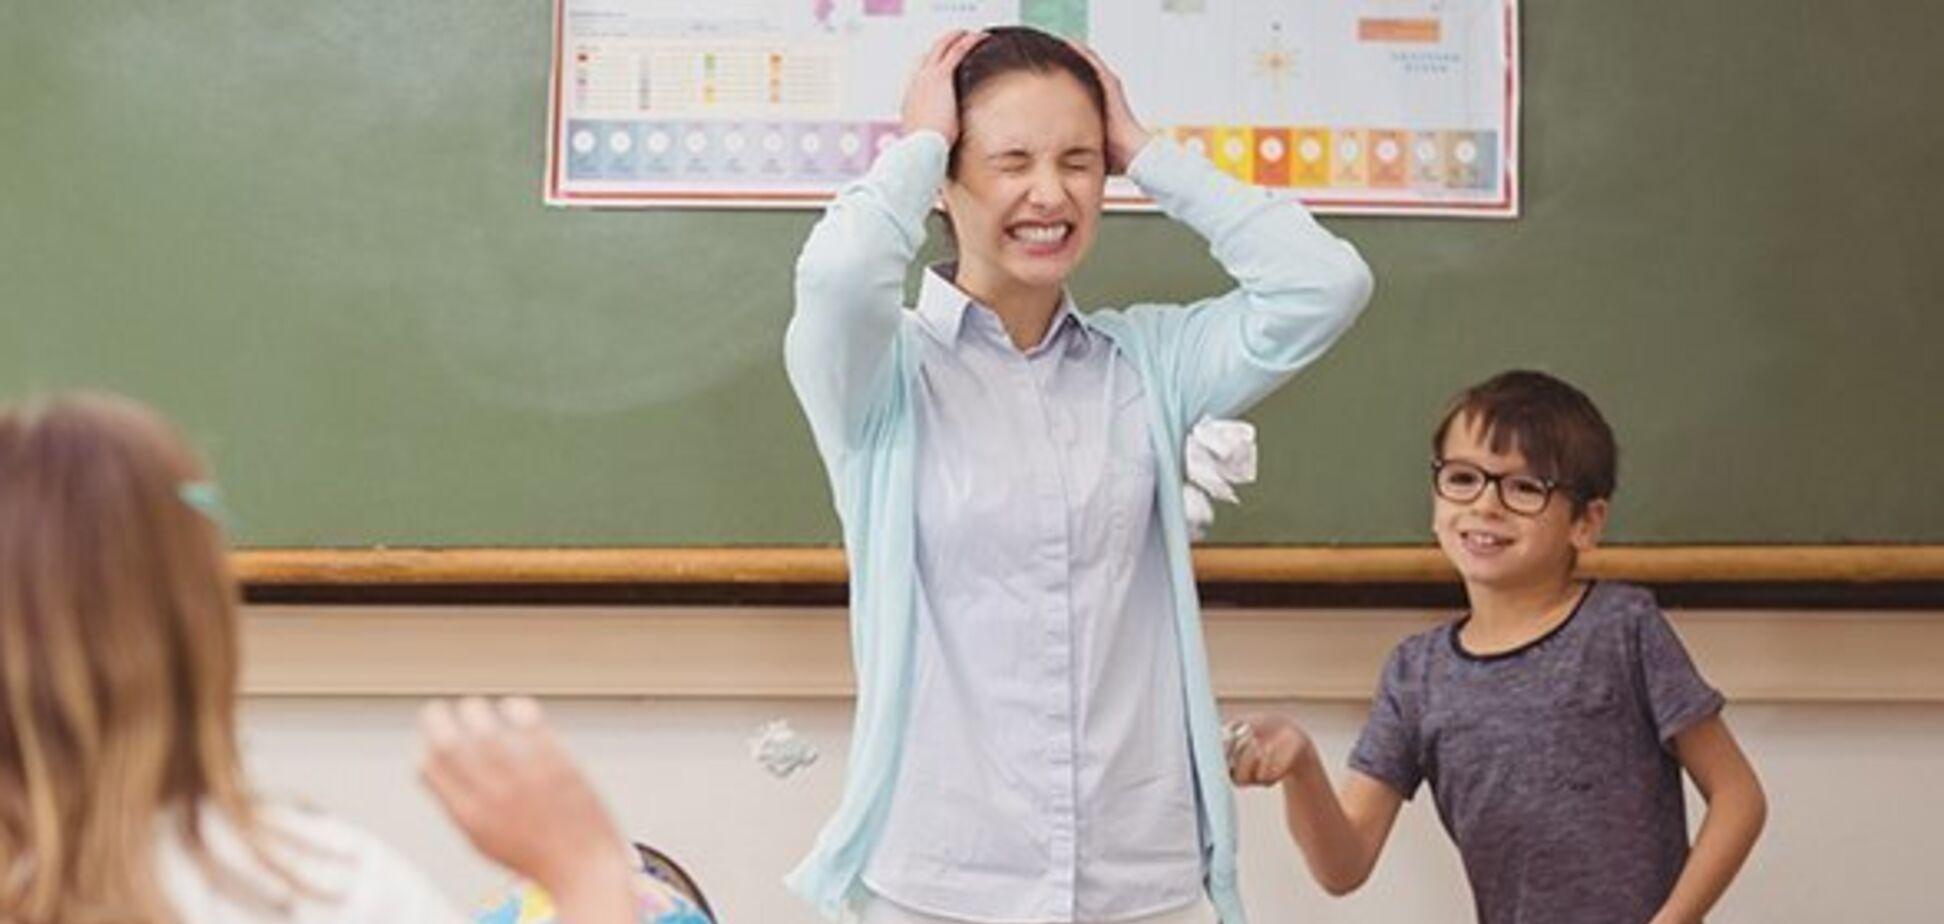 Как остановить буллинг учителя: стоп, травля!